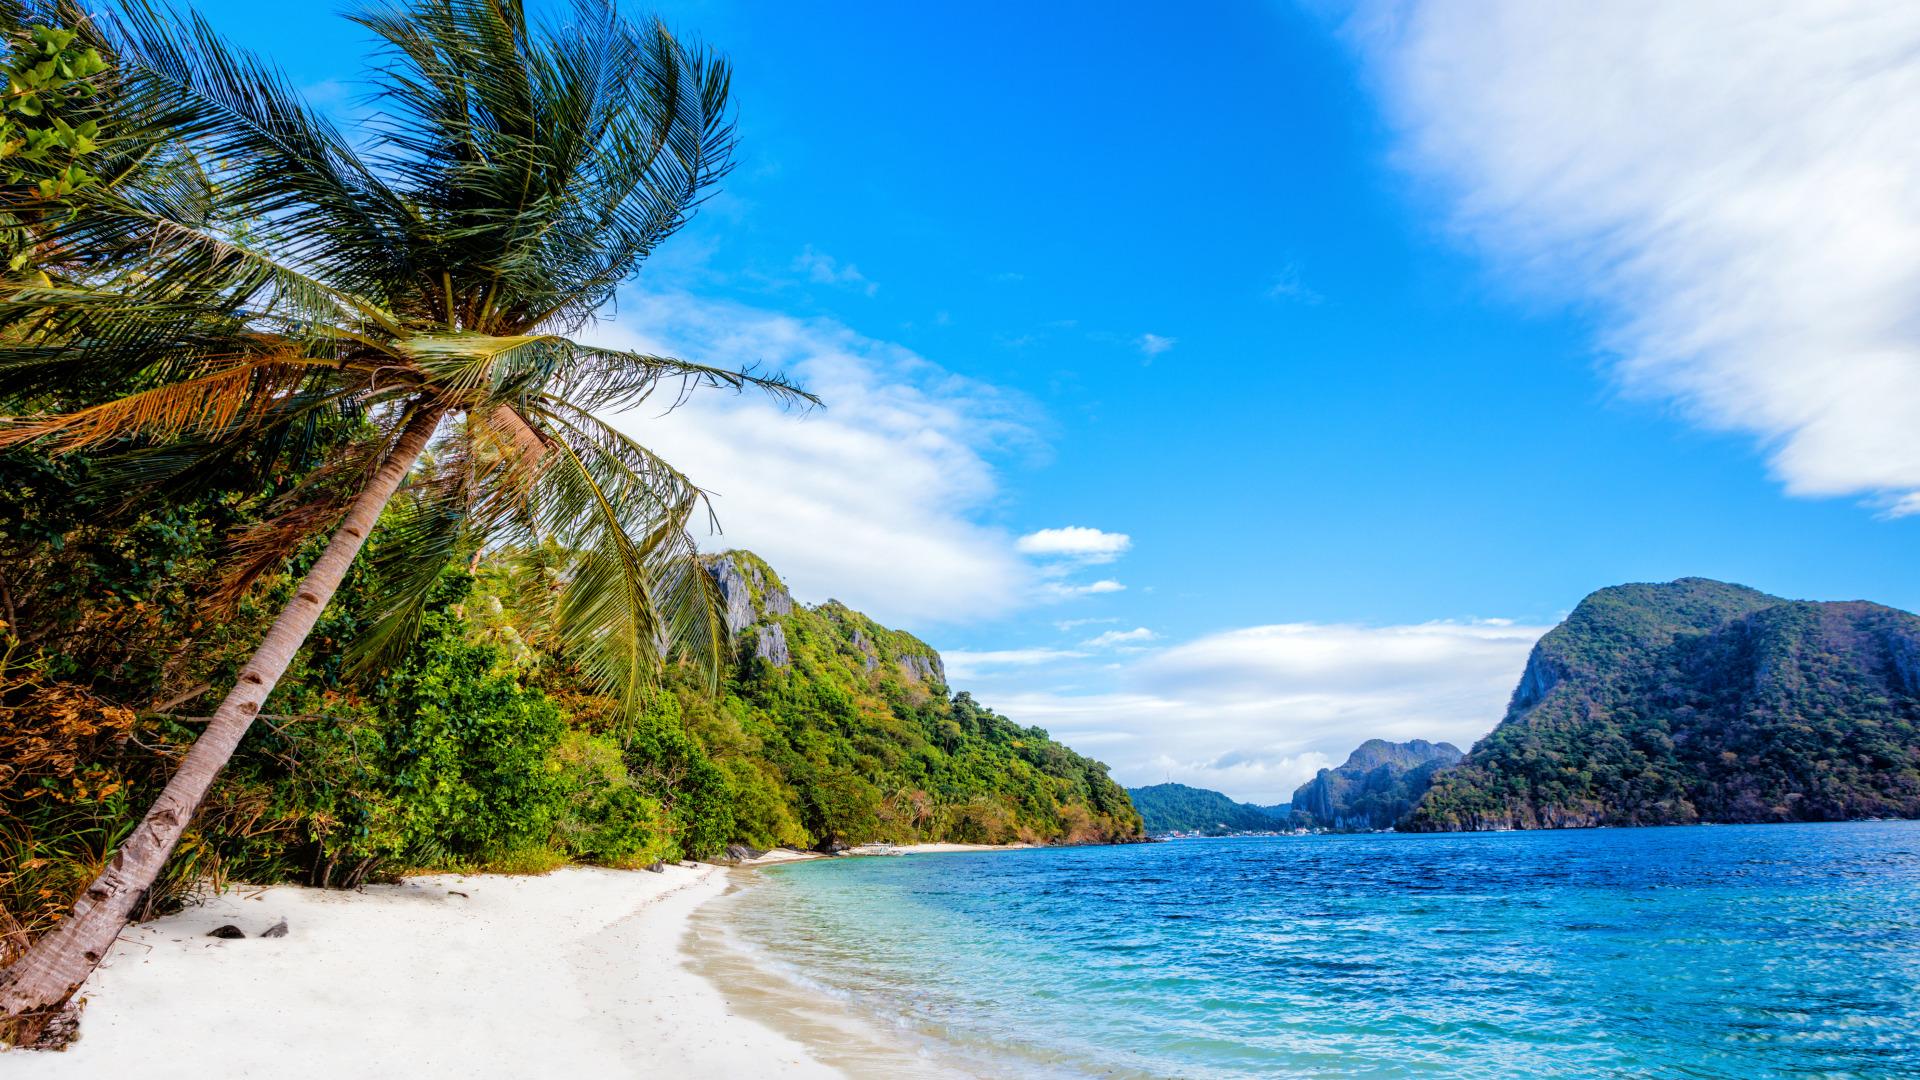 Картинки море горы пальма